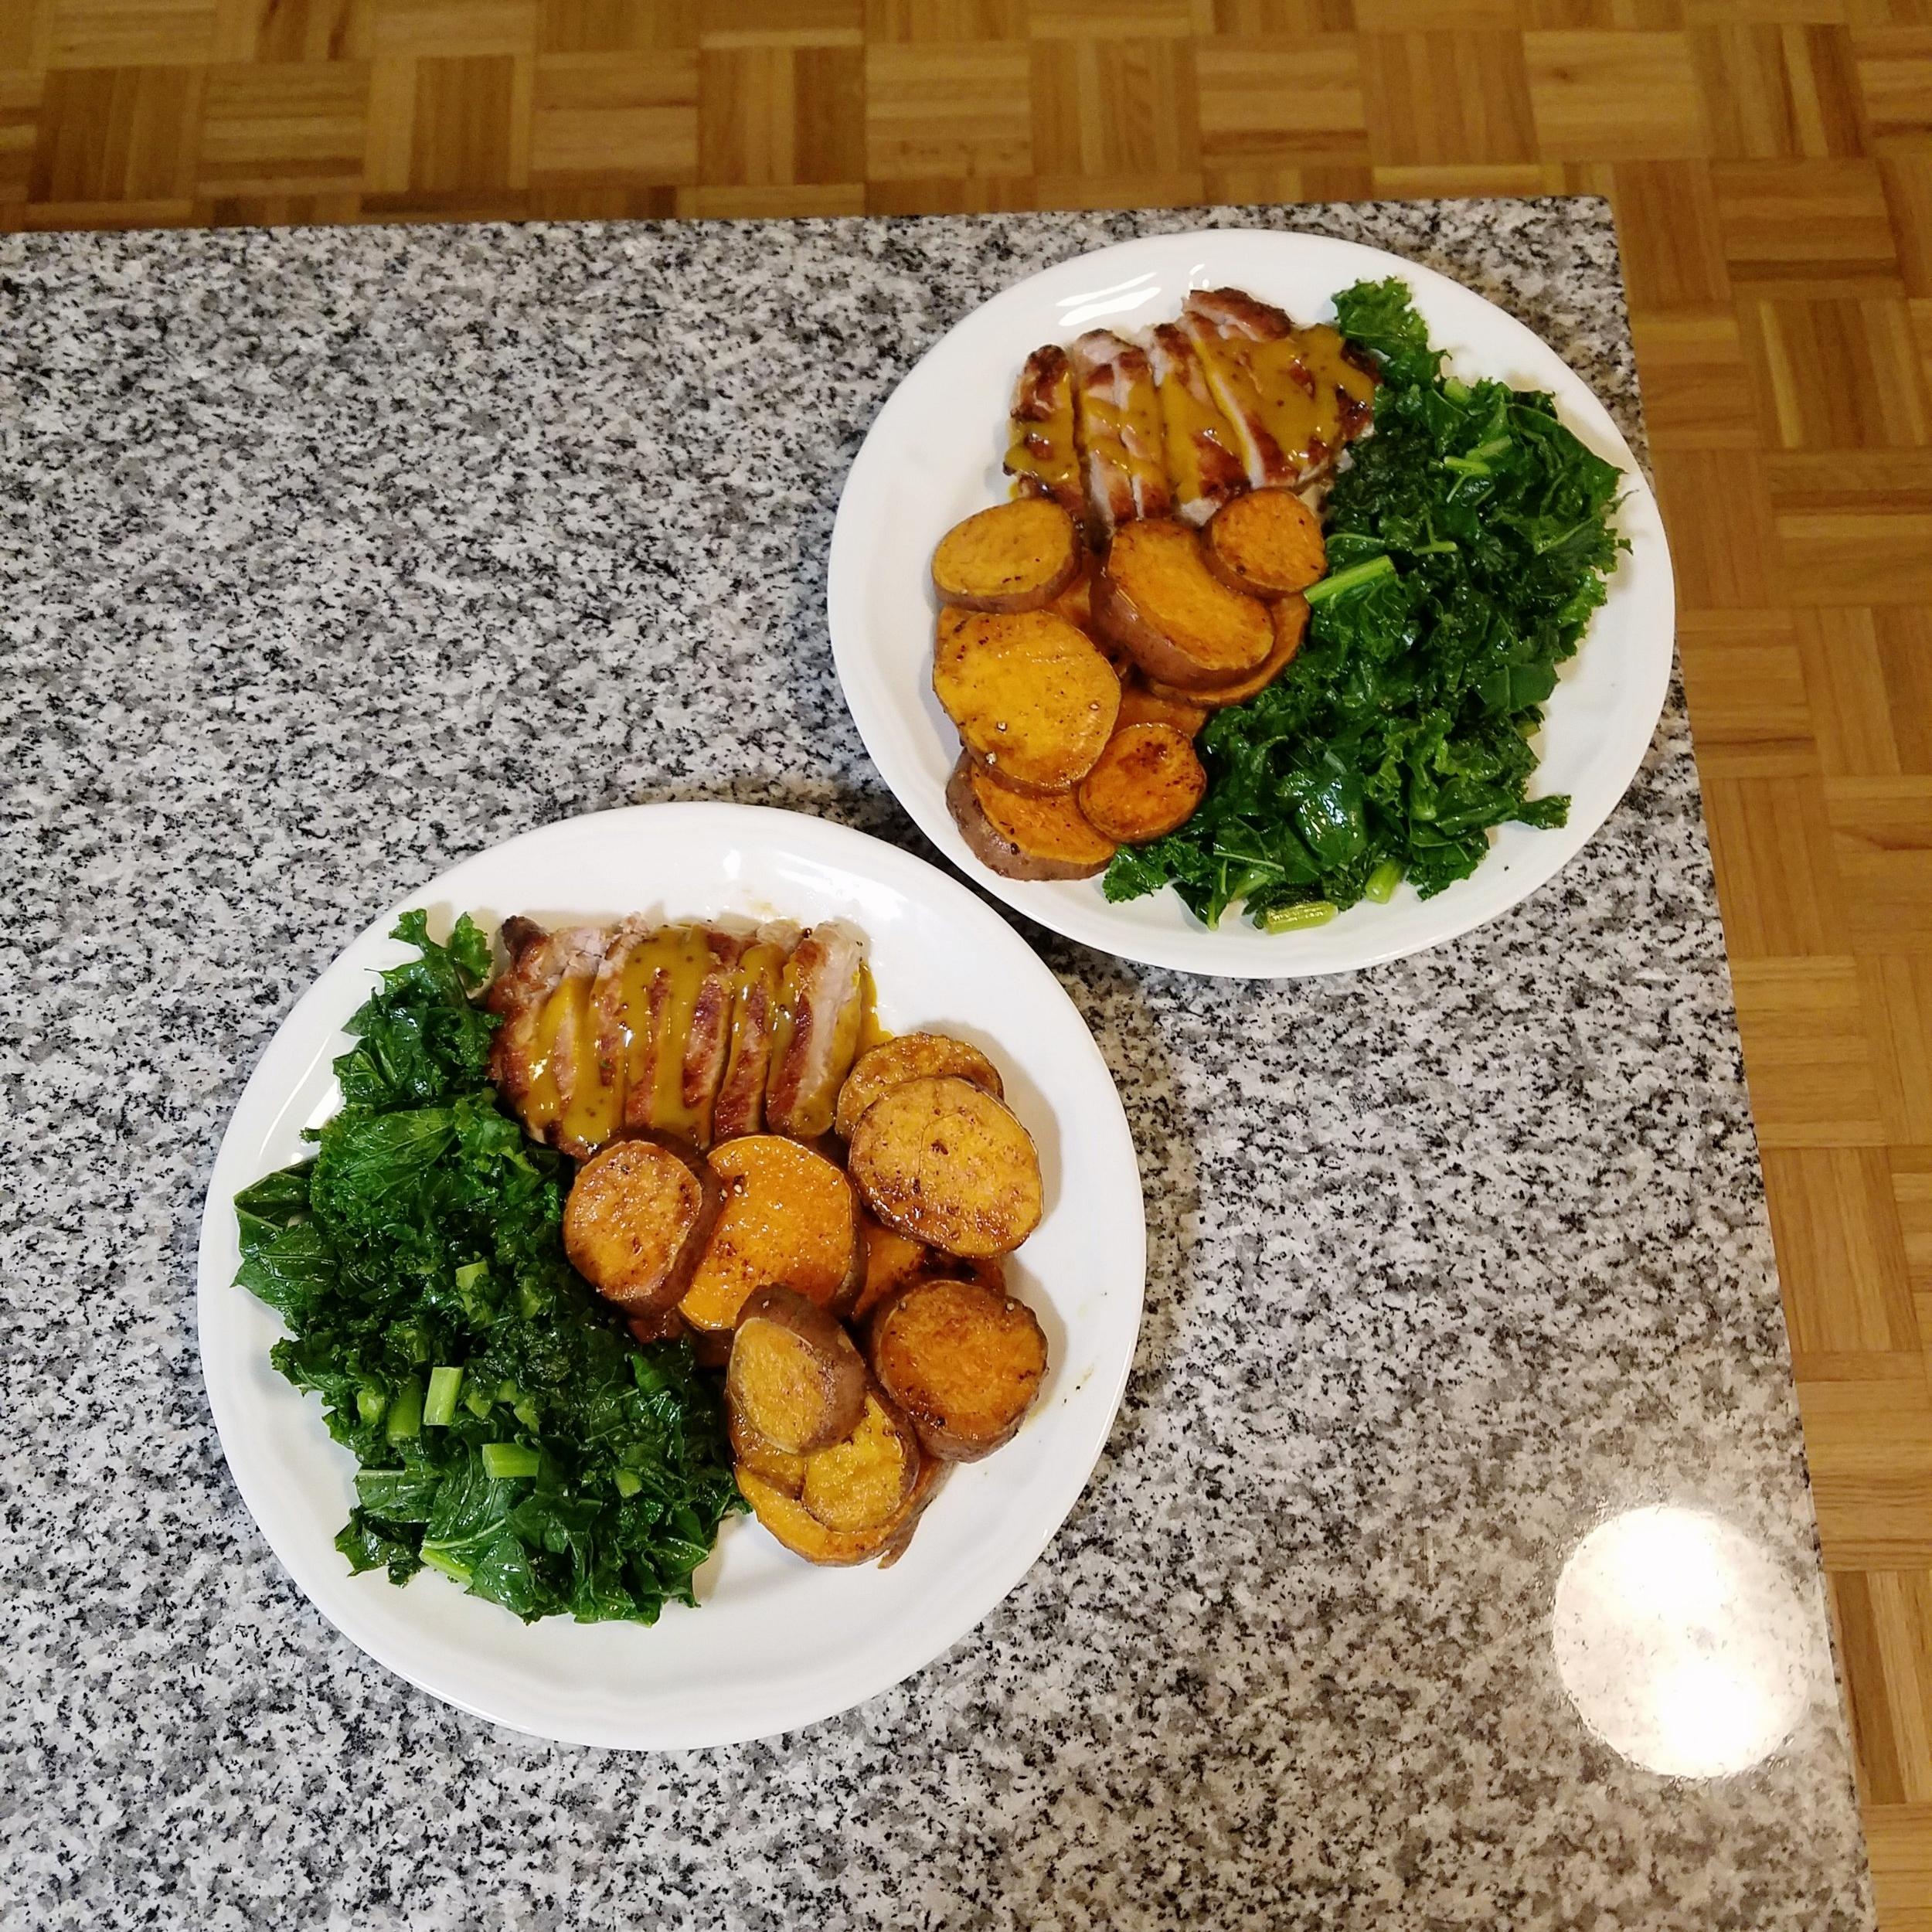 Chef_d Smoky Maple Pork Loin - Dinner for Two.jpg